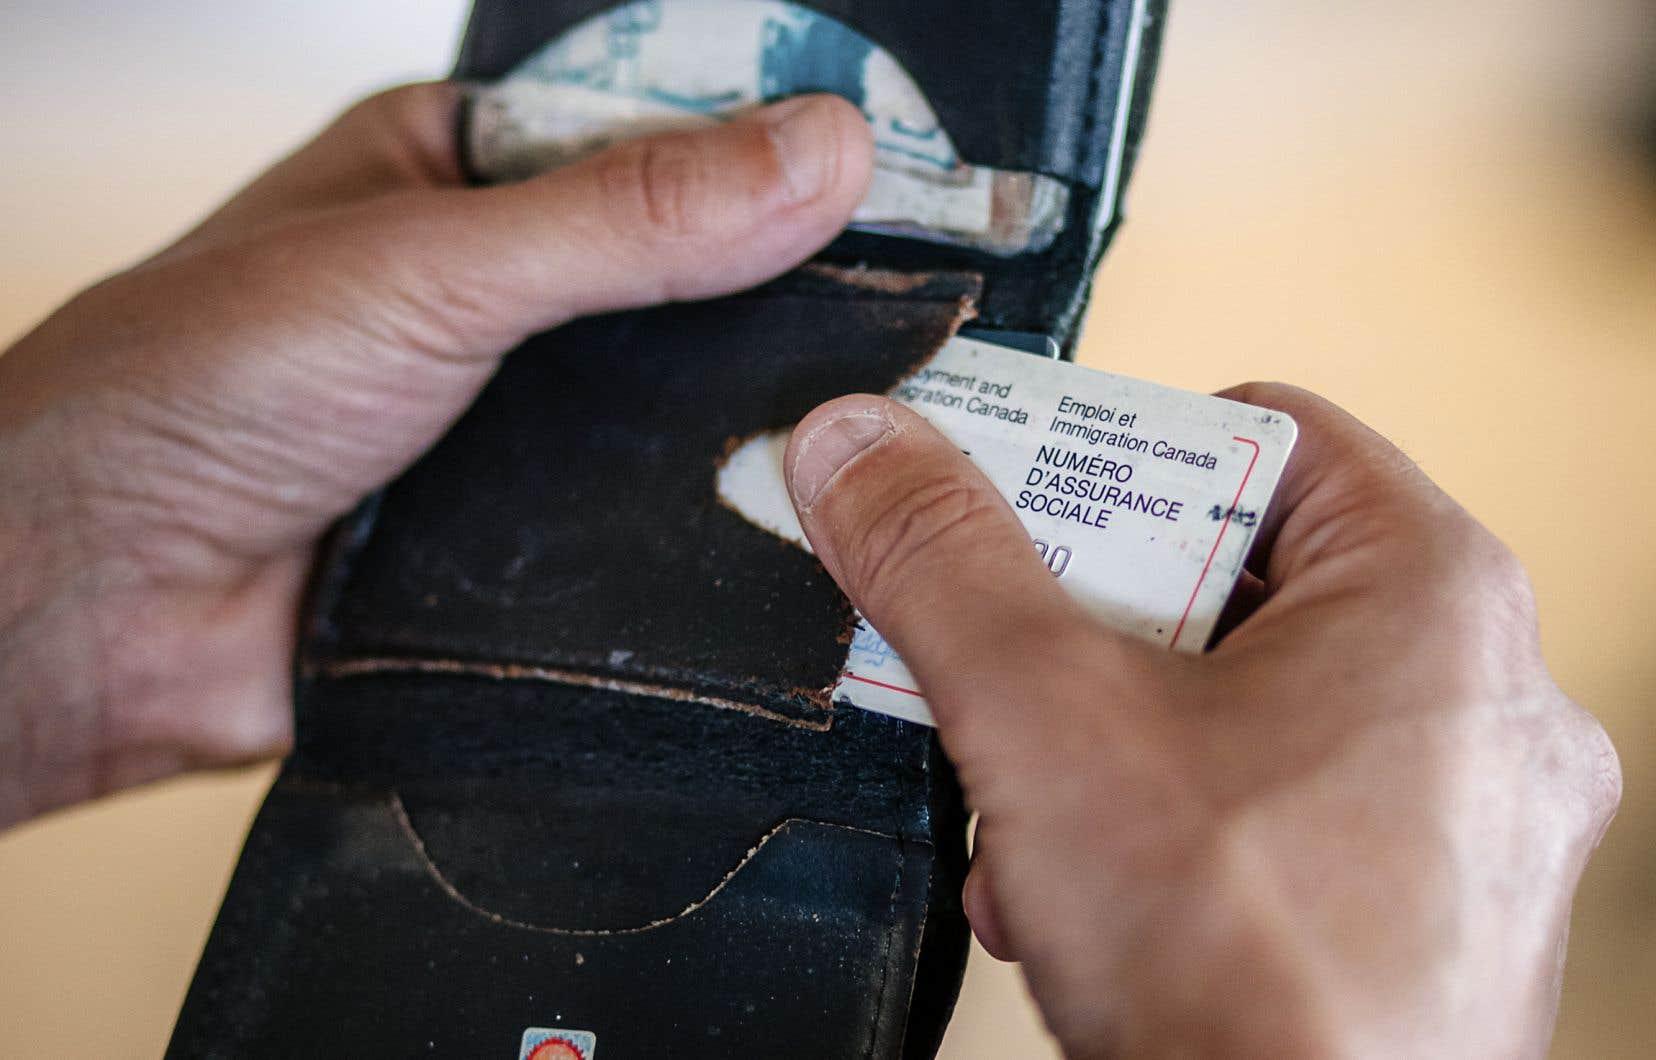 Le gouvernement fédéral statue que le NAS ne peut être exigé dans le cas d'une demande de carte de crédit, d'une confirmation d'identité ou d'opérations bancaires comme une demande de prêt personnel, de marge de crédit ou de prêt hypothécaire.